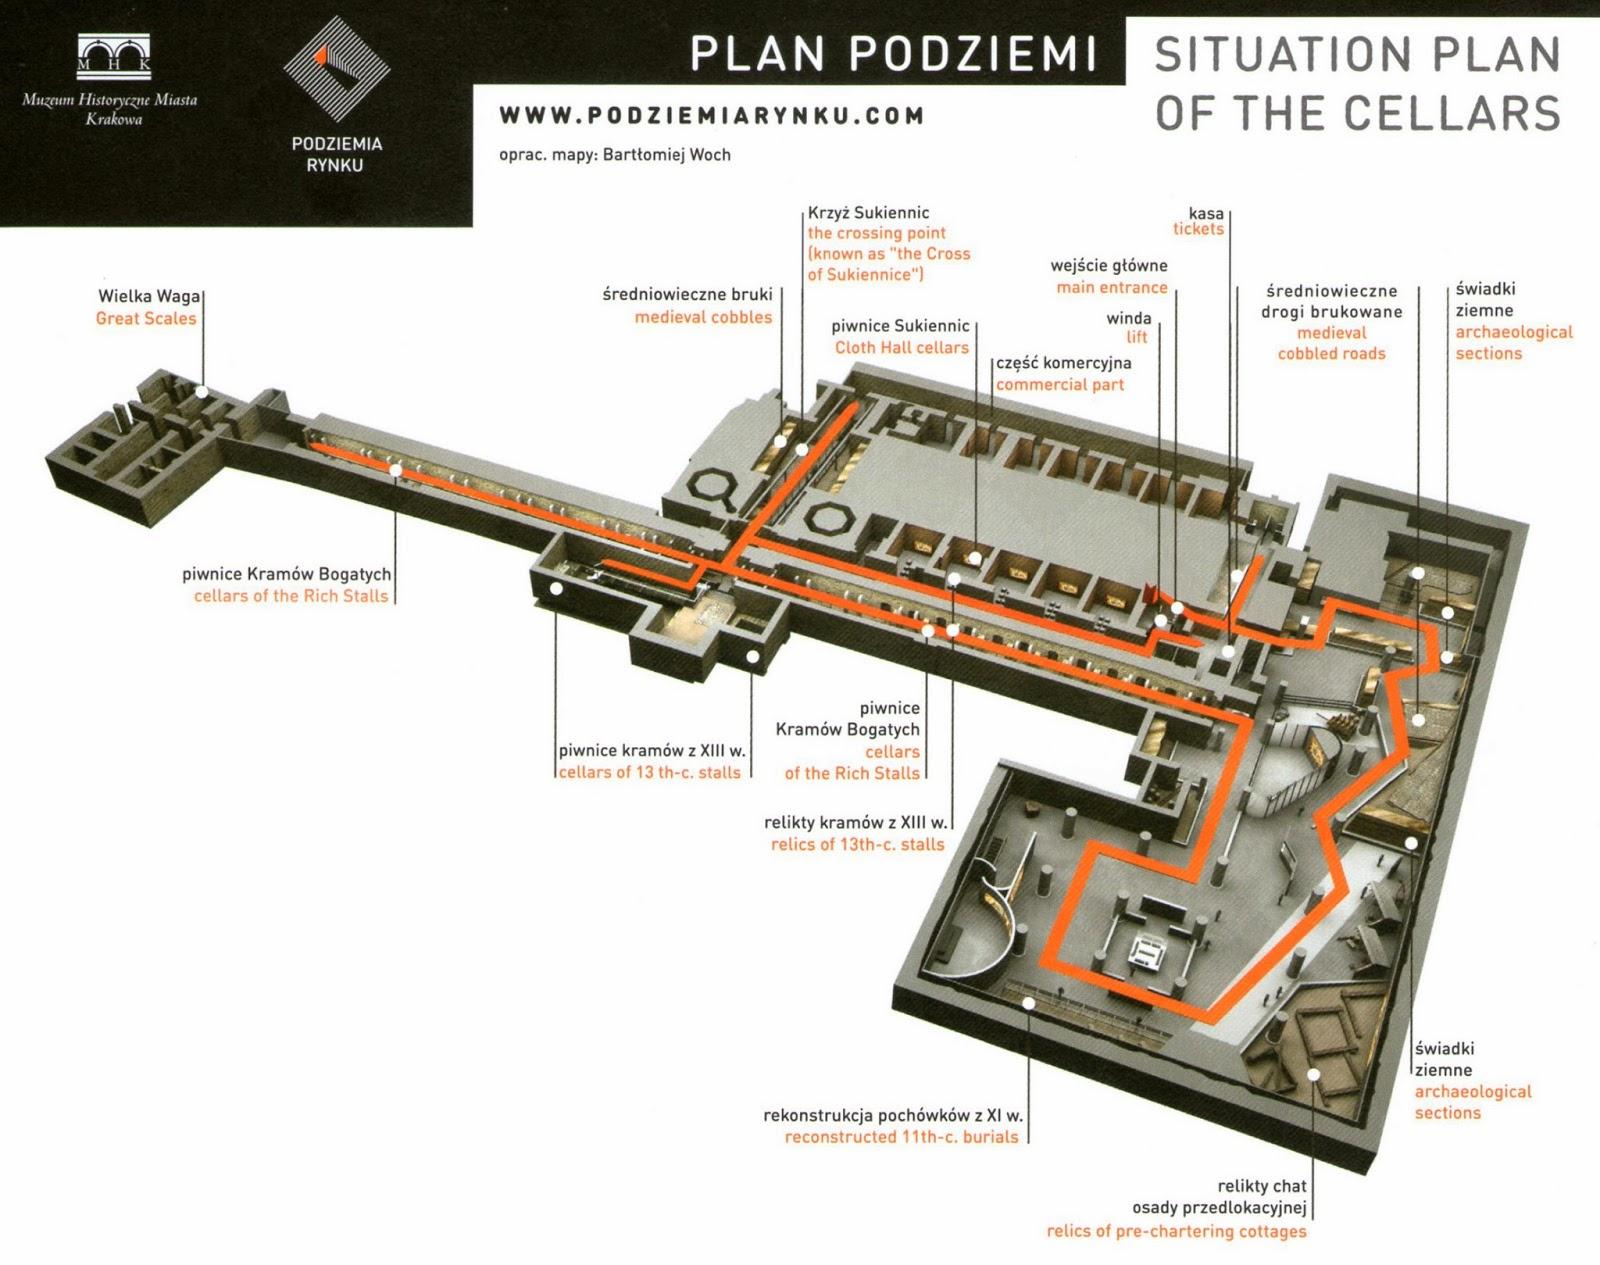 Plano del Museo Histórico de Cracovia, Polonia